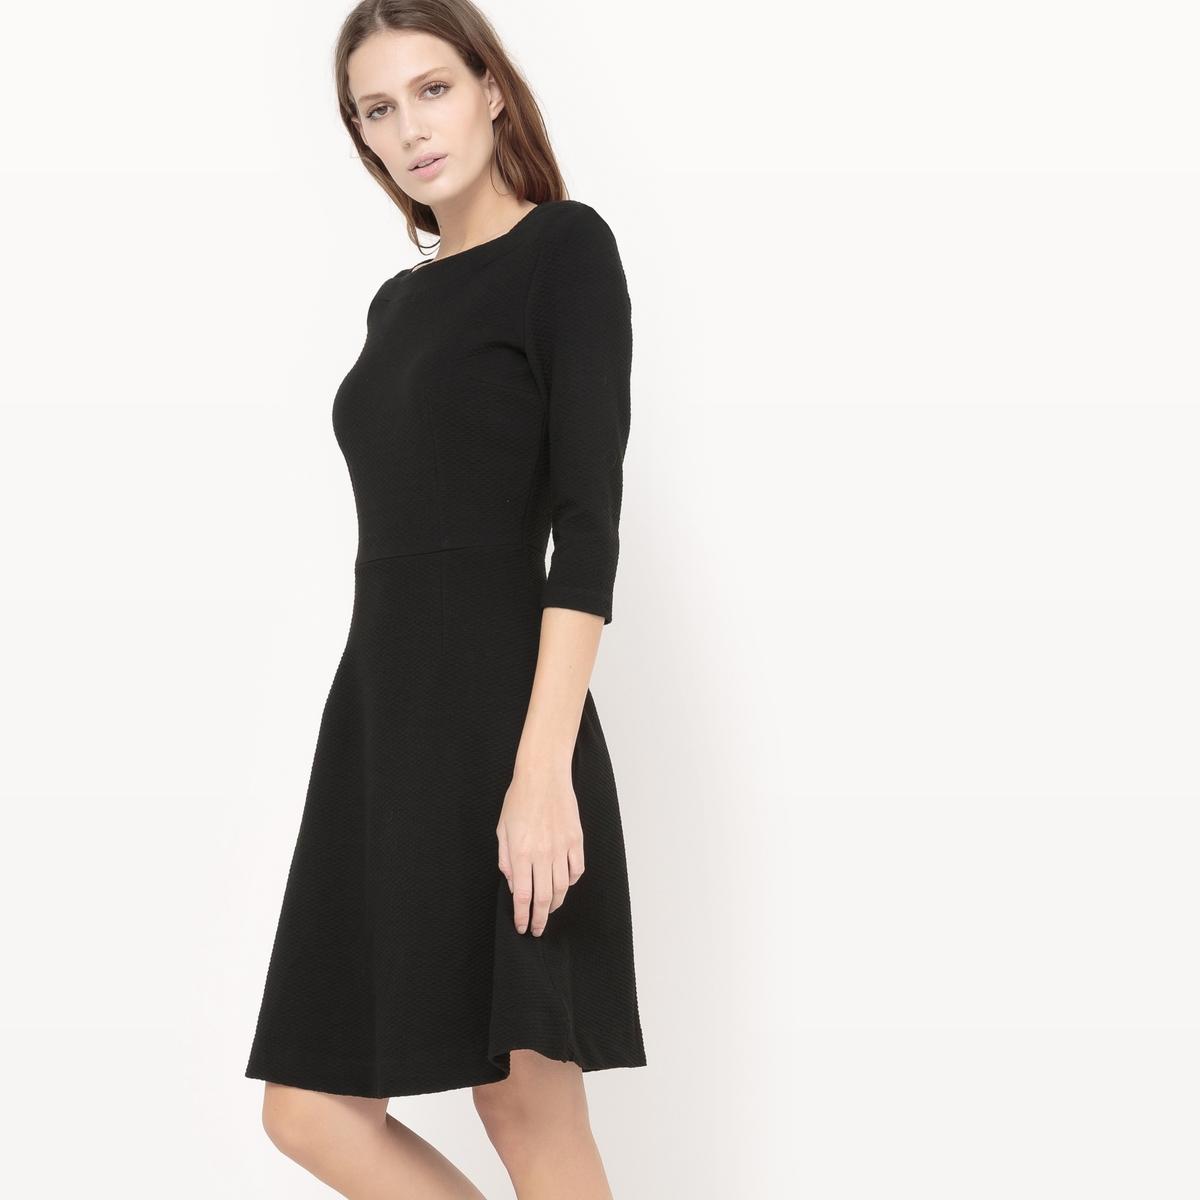 Платье с рукавами 3/4Состав и описание :Материал : 72% полиэстера, 24% вискозы, 4% эластана Марка : TOM TAILOR.<br><br>Цвет: черный<br>Размер: 42 (FR) - 48 (RUS)